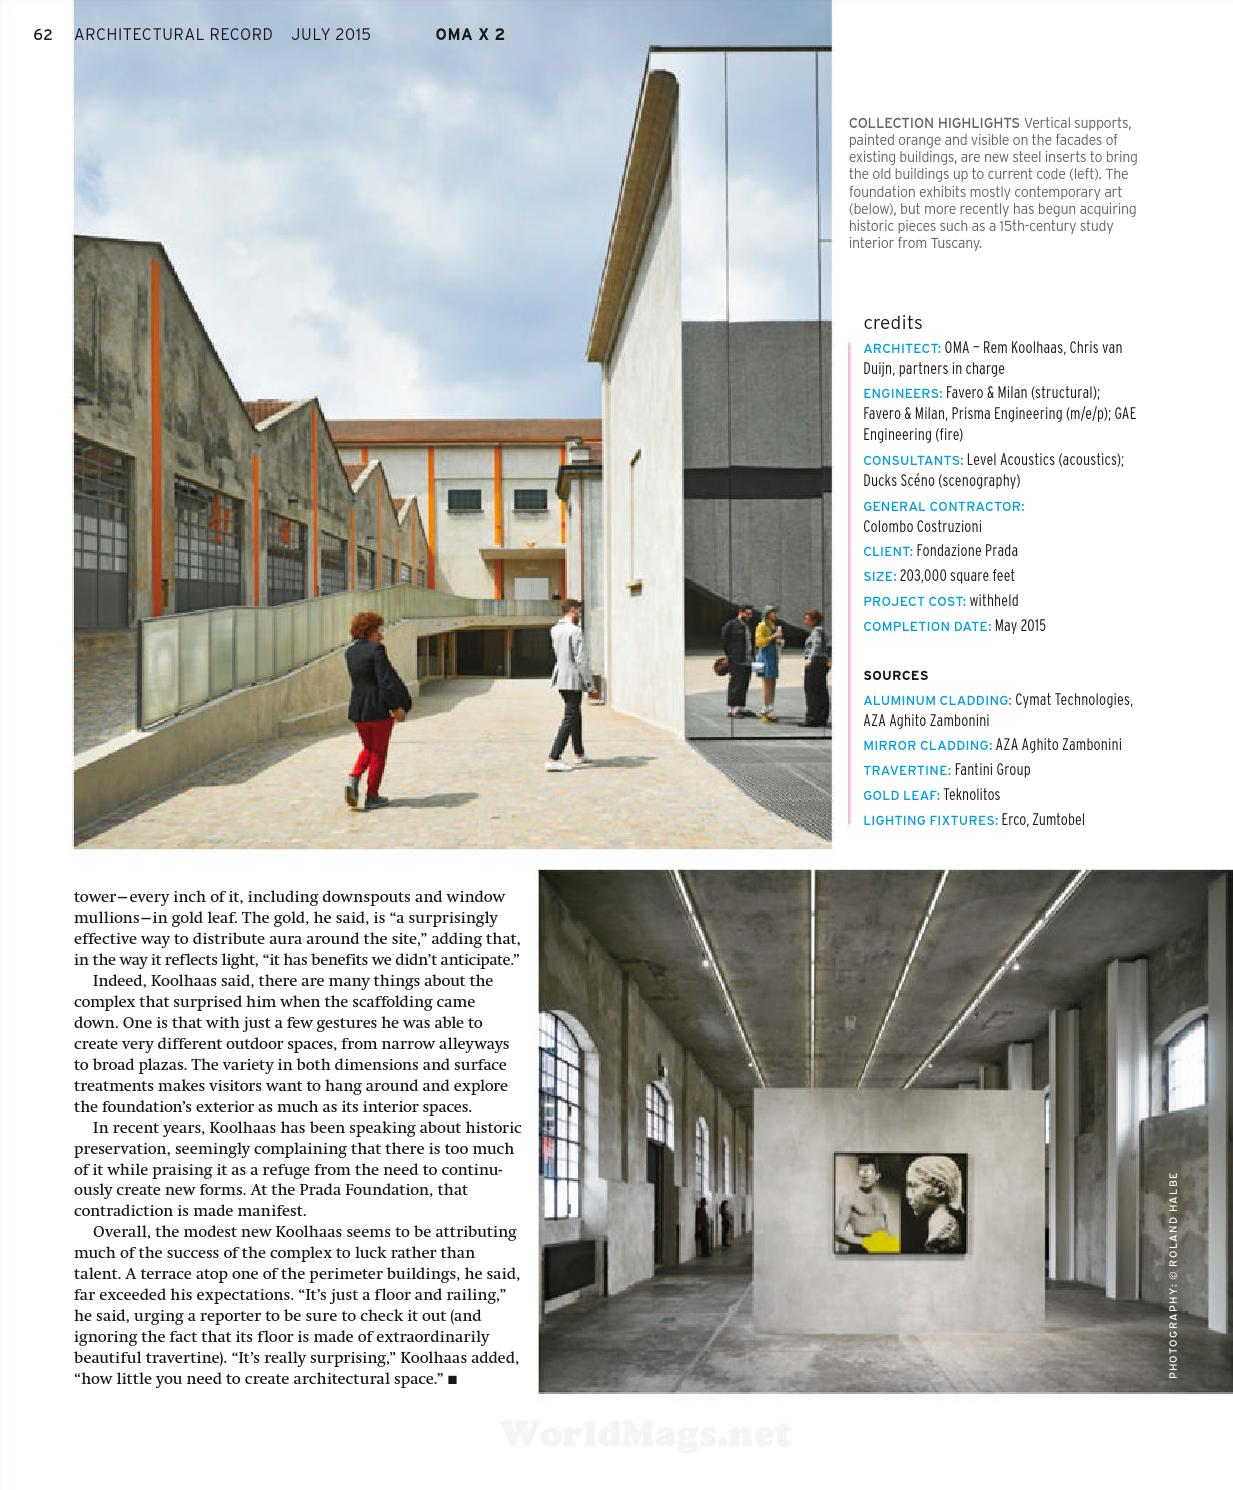 Architectural record 2015 07